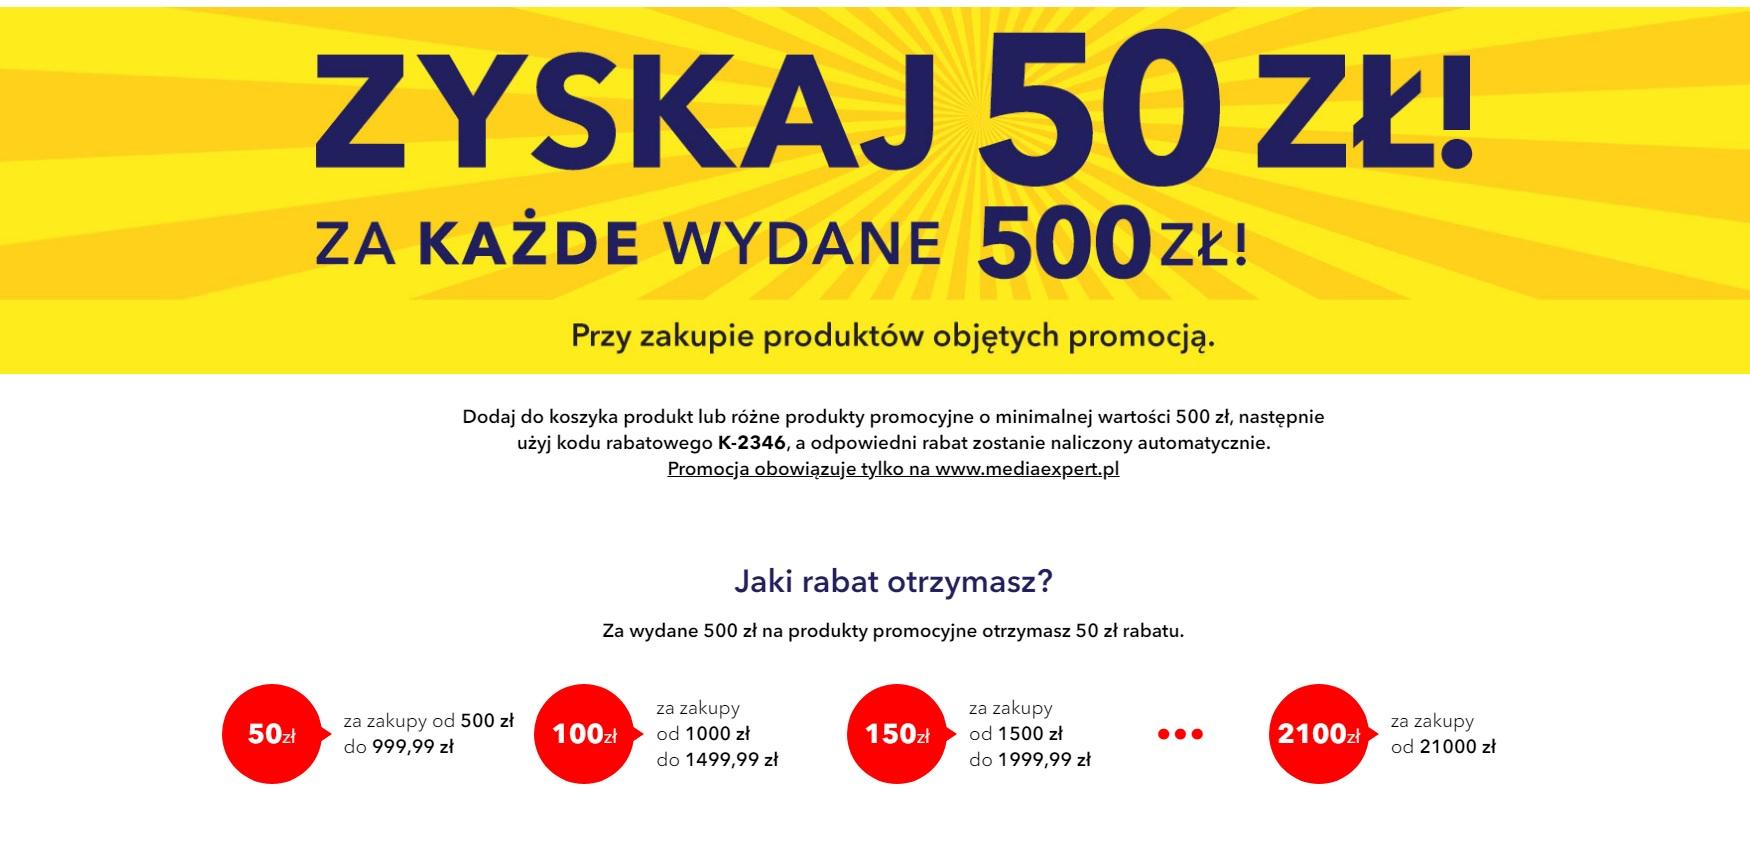 promocja Media Expert 50 złotych rabatu za każde wydane 500 złotych